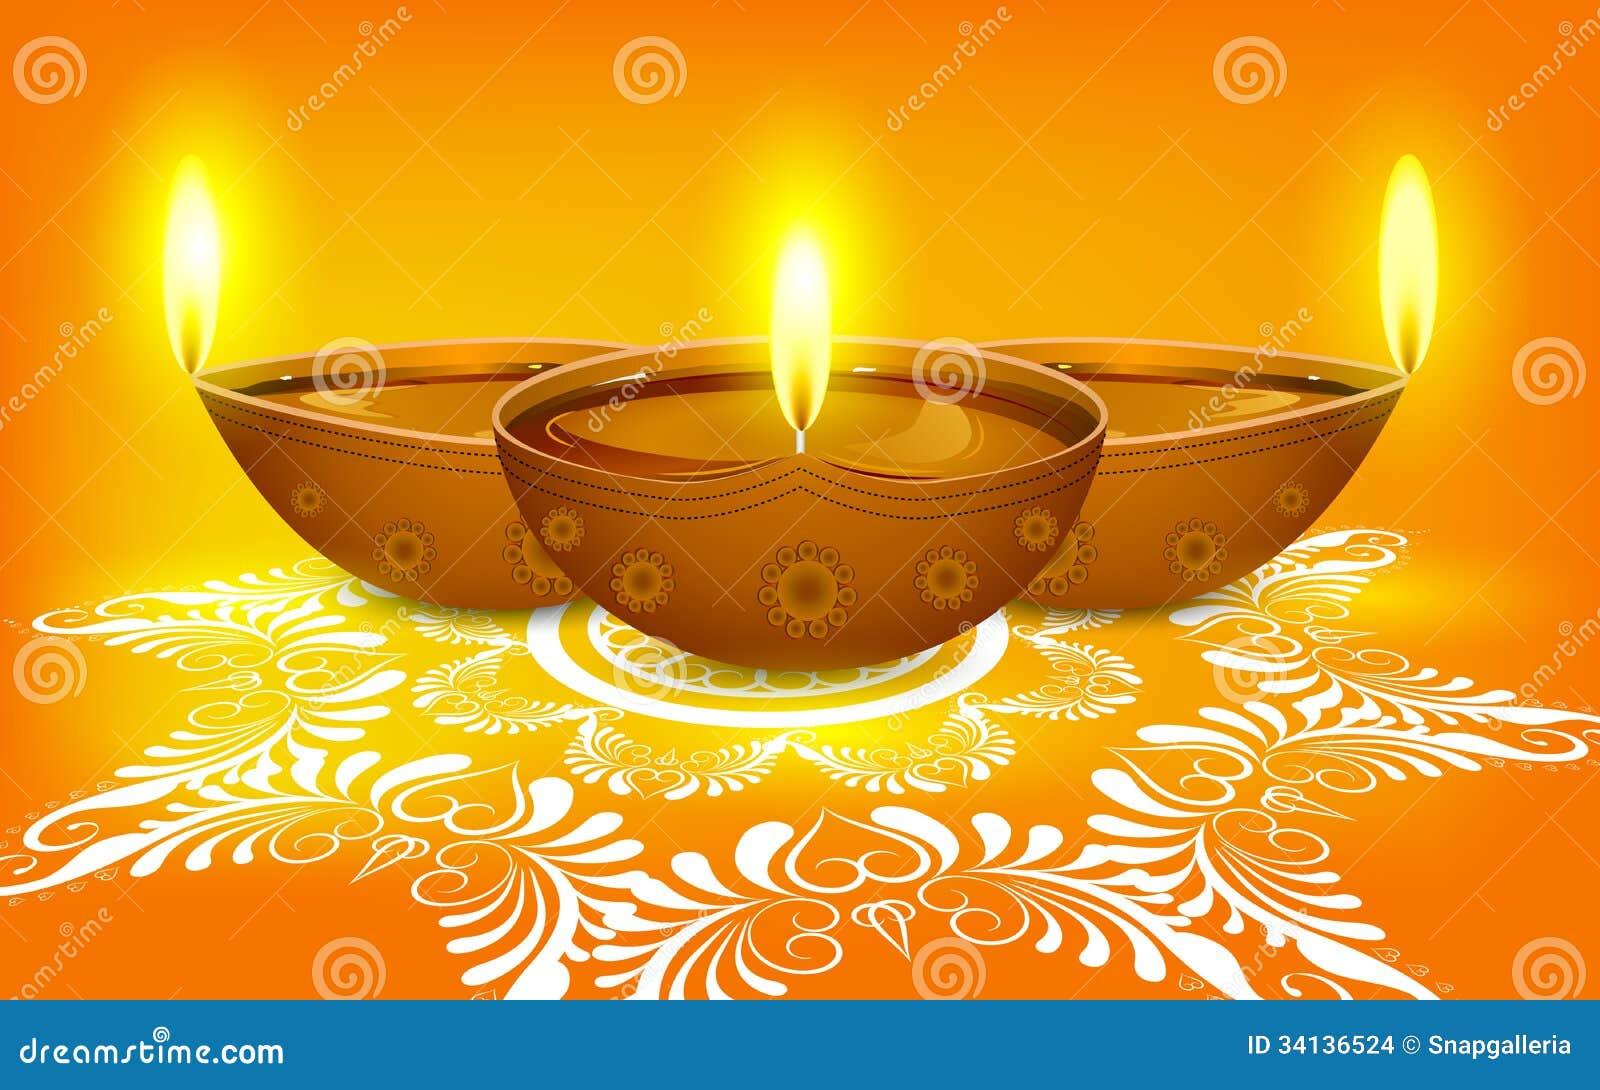 Diya on Rangoli for Diwali stock vector. Image of design - 34136524